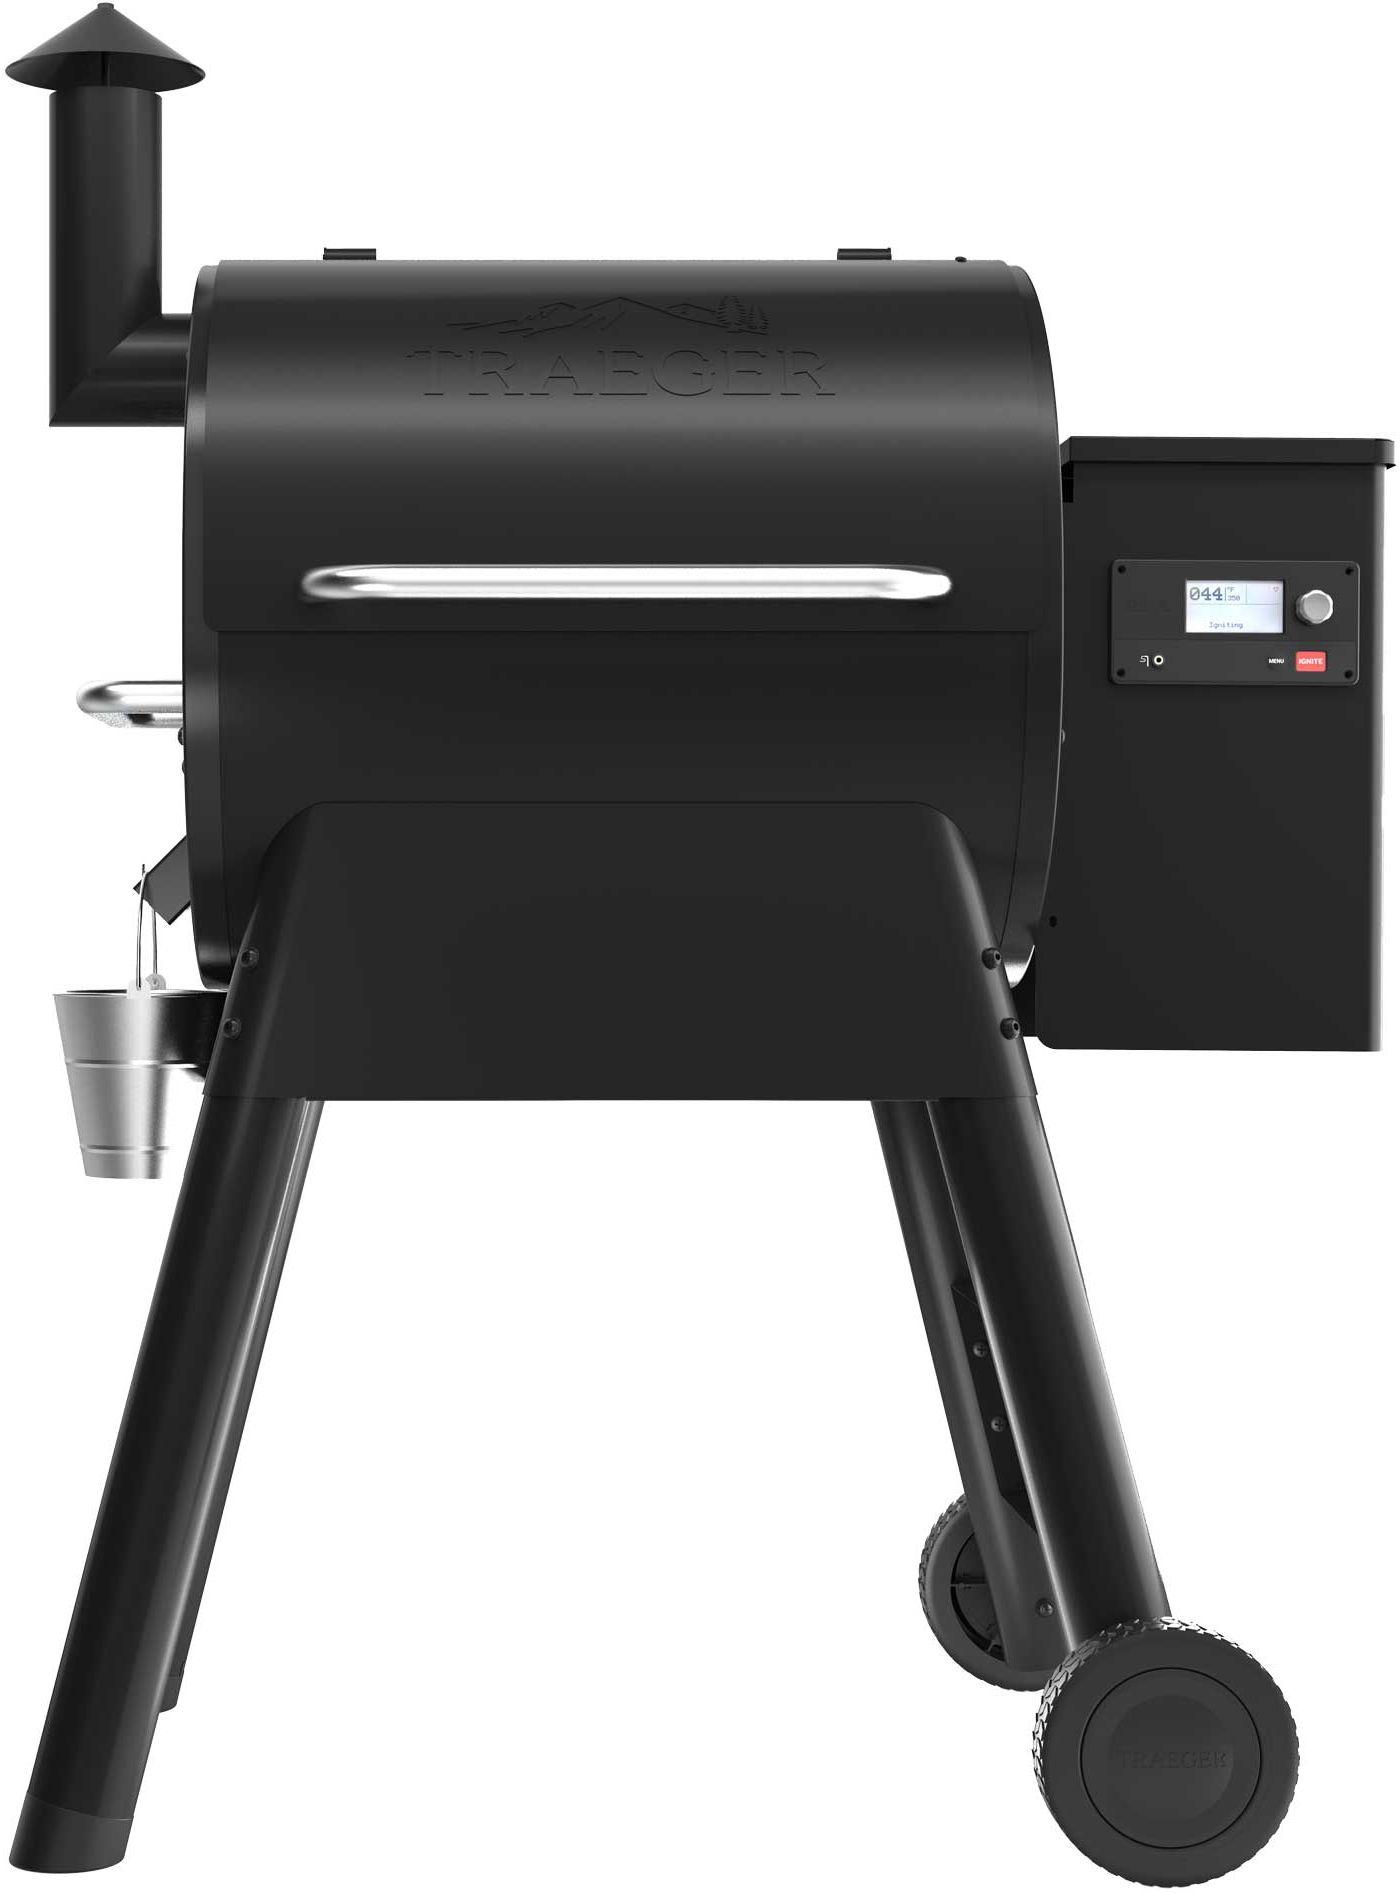 Traeger Pro 575 Pellet Grill